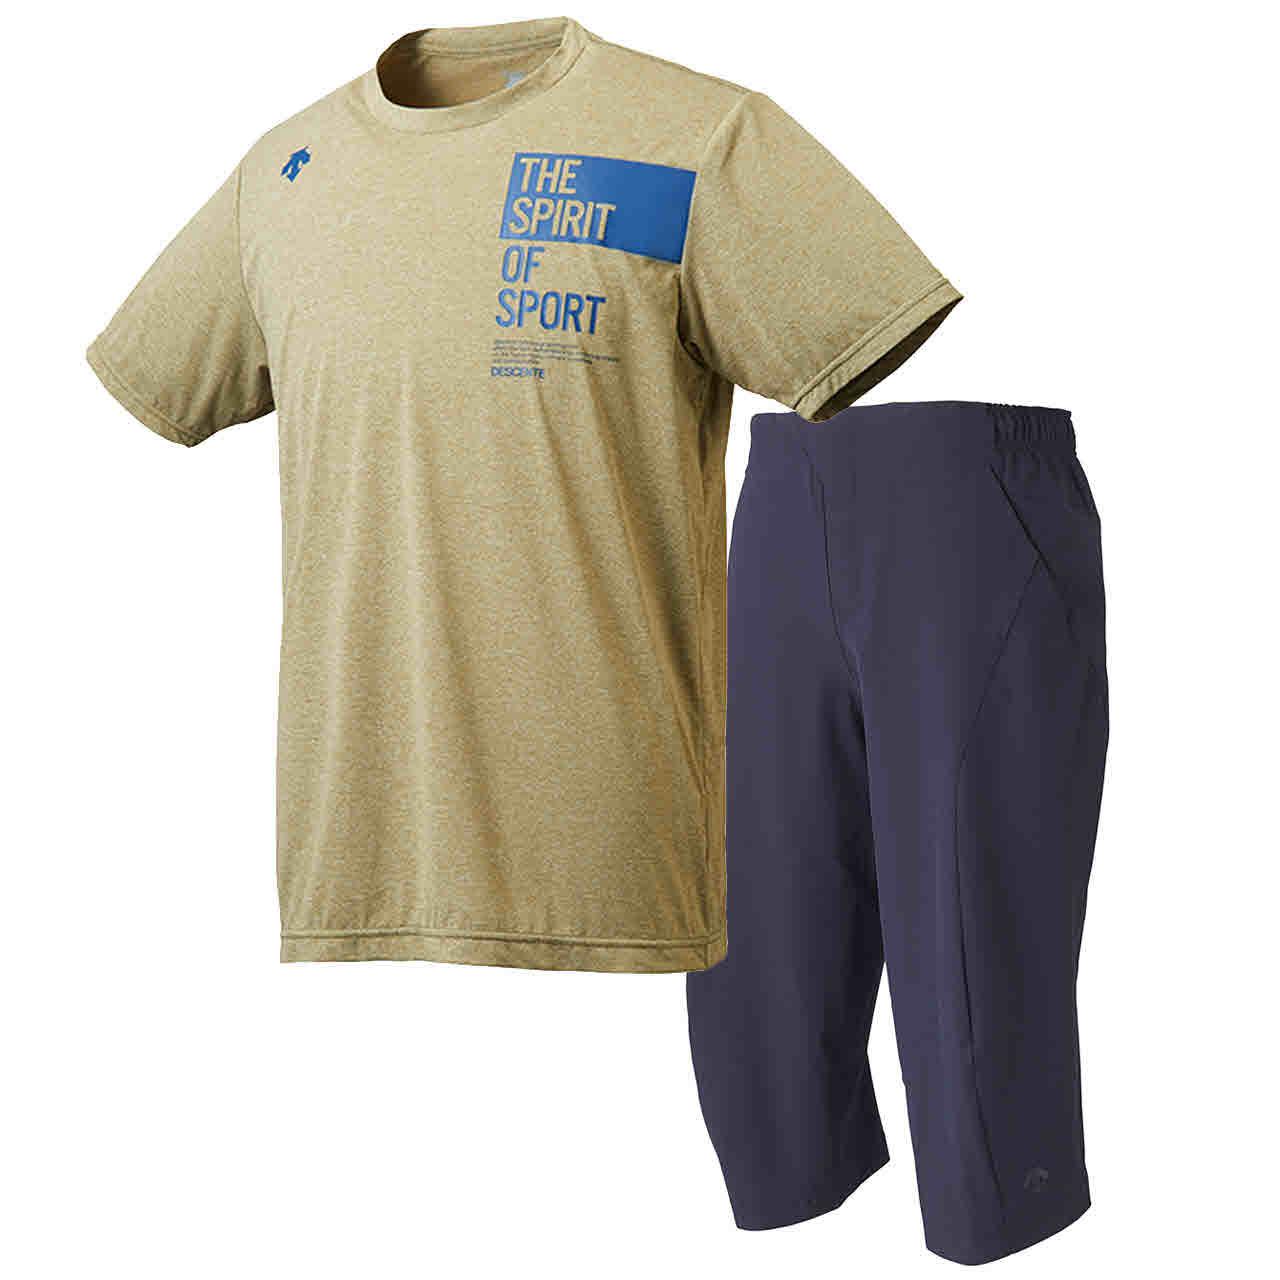 デサント DESCENTE サンスクリーン ハーフスリーブシャツ&7分丈パンツ 上下セット カーキ杢×ネイビー